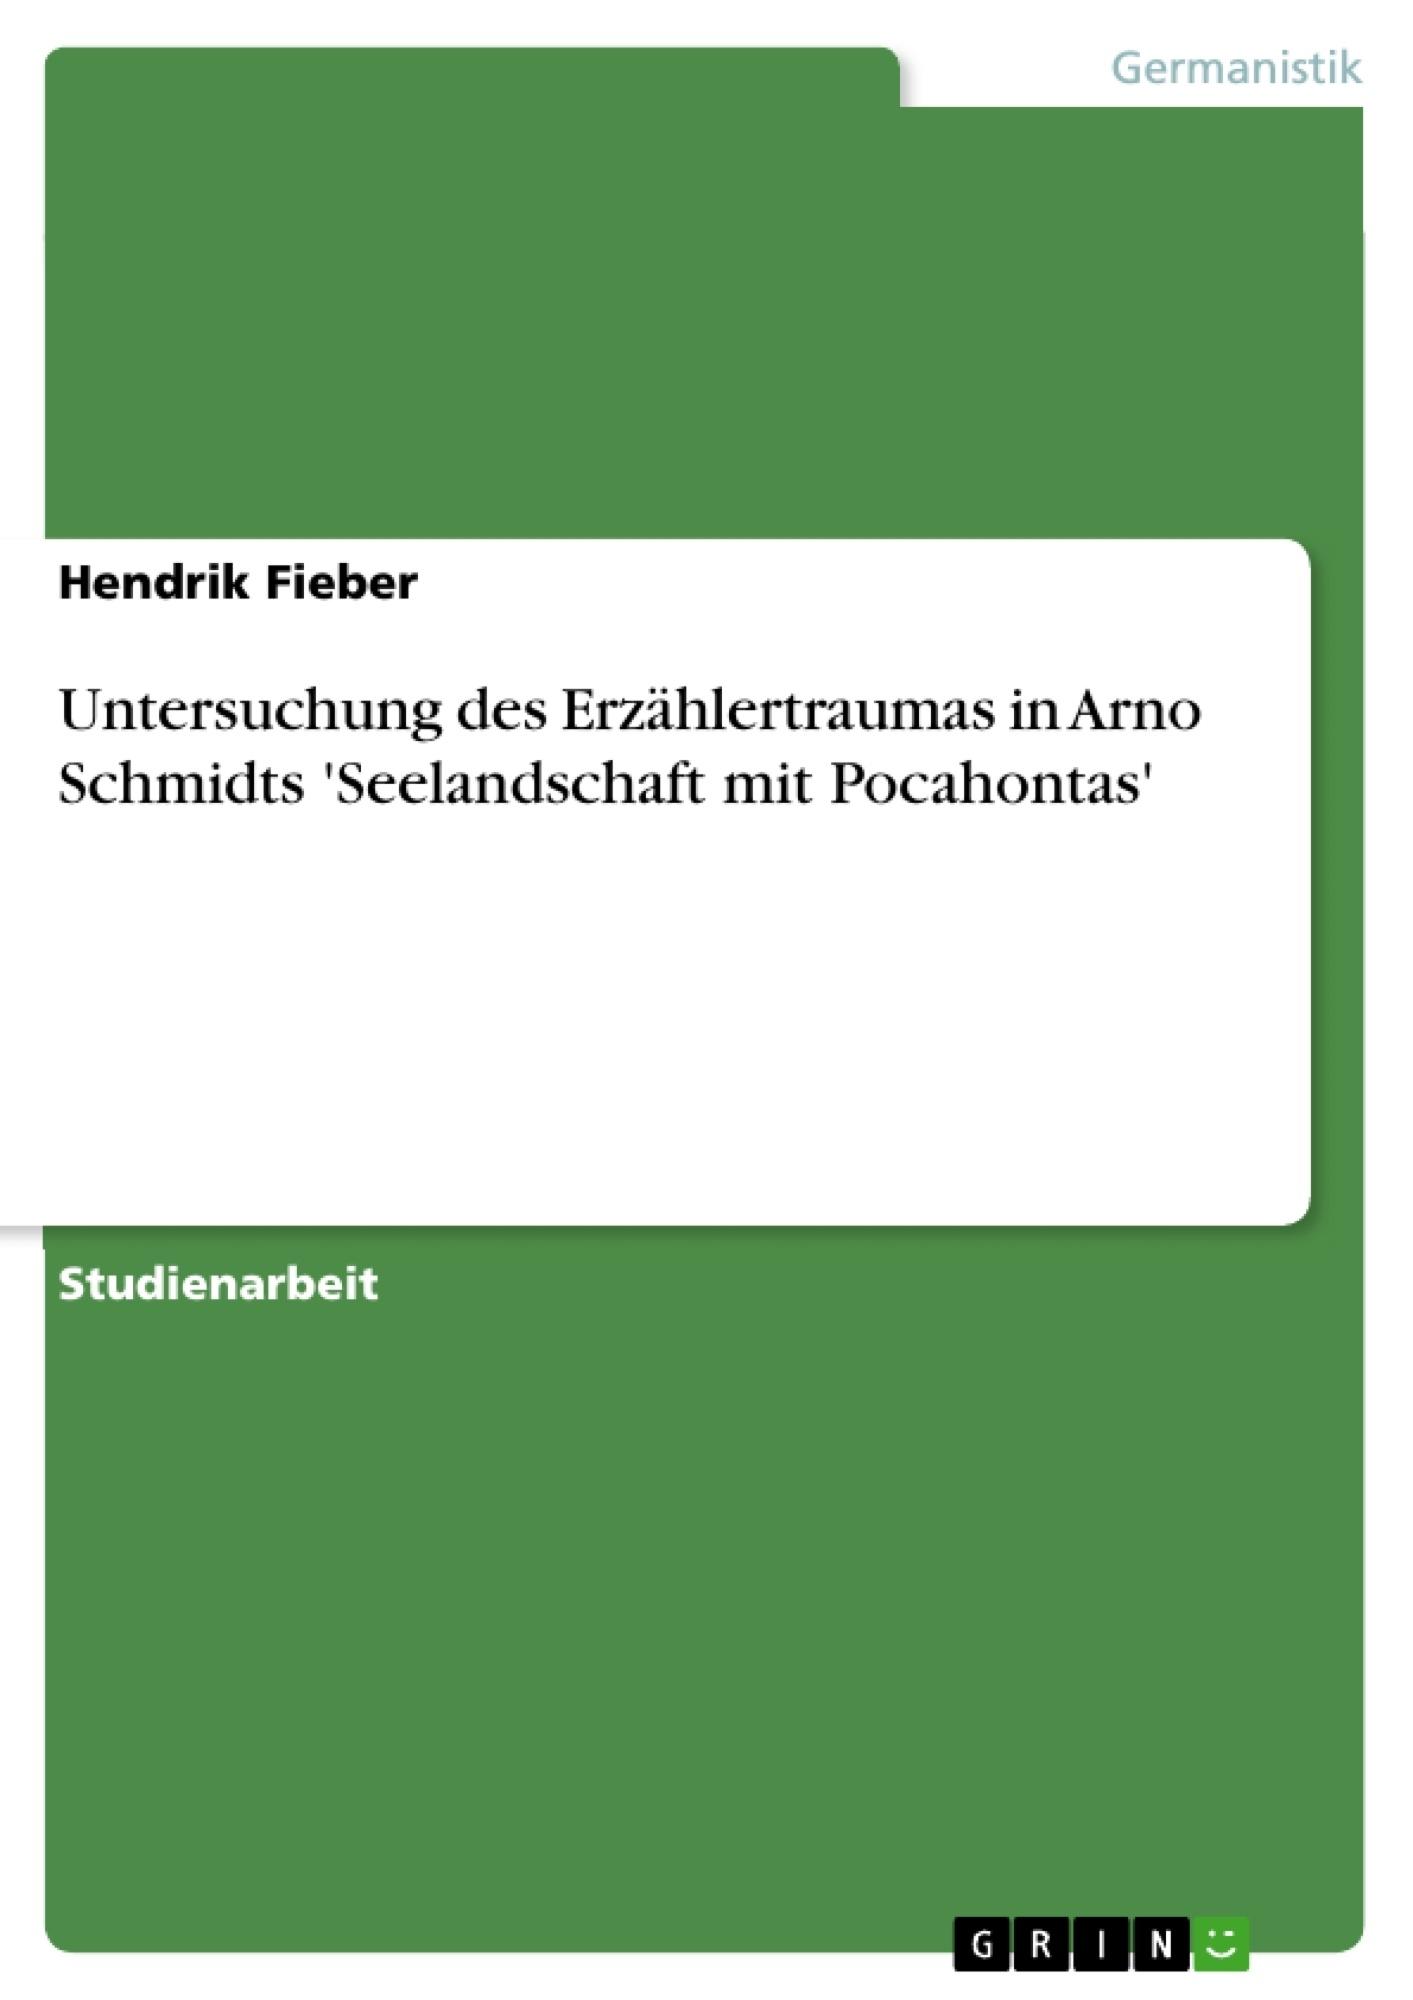 Titel: Untersuchung des Erzählertraumas in Arno Schmidts 'Seelandschaft mit Pocahontas'